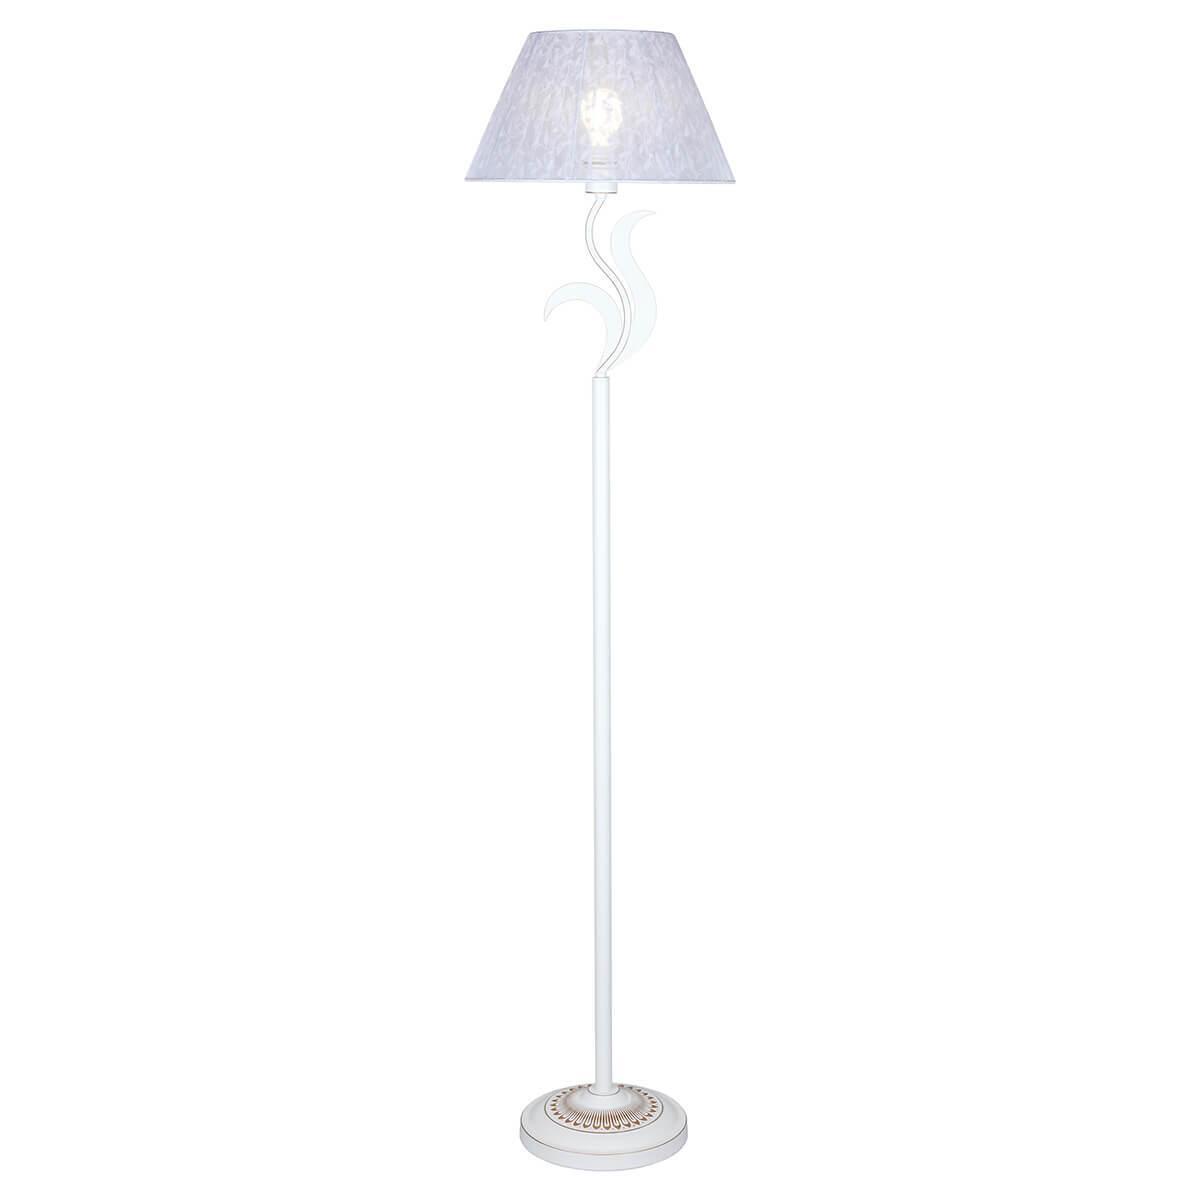 Напольный светильник Omnilux OML-75205-01, E14, 40 Вт omnilux торшер omnilux oml 60805 01